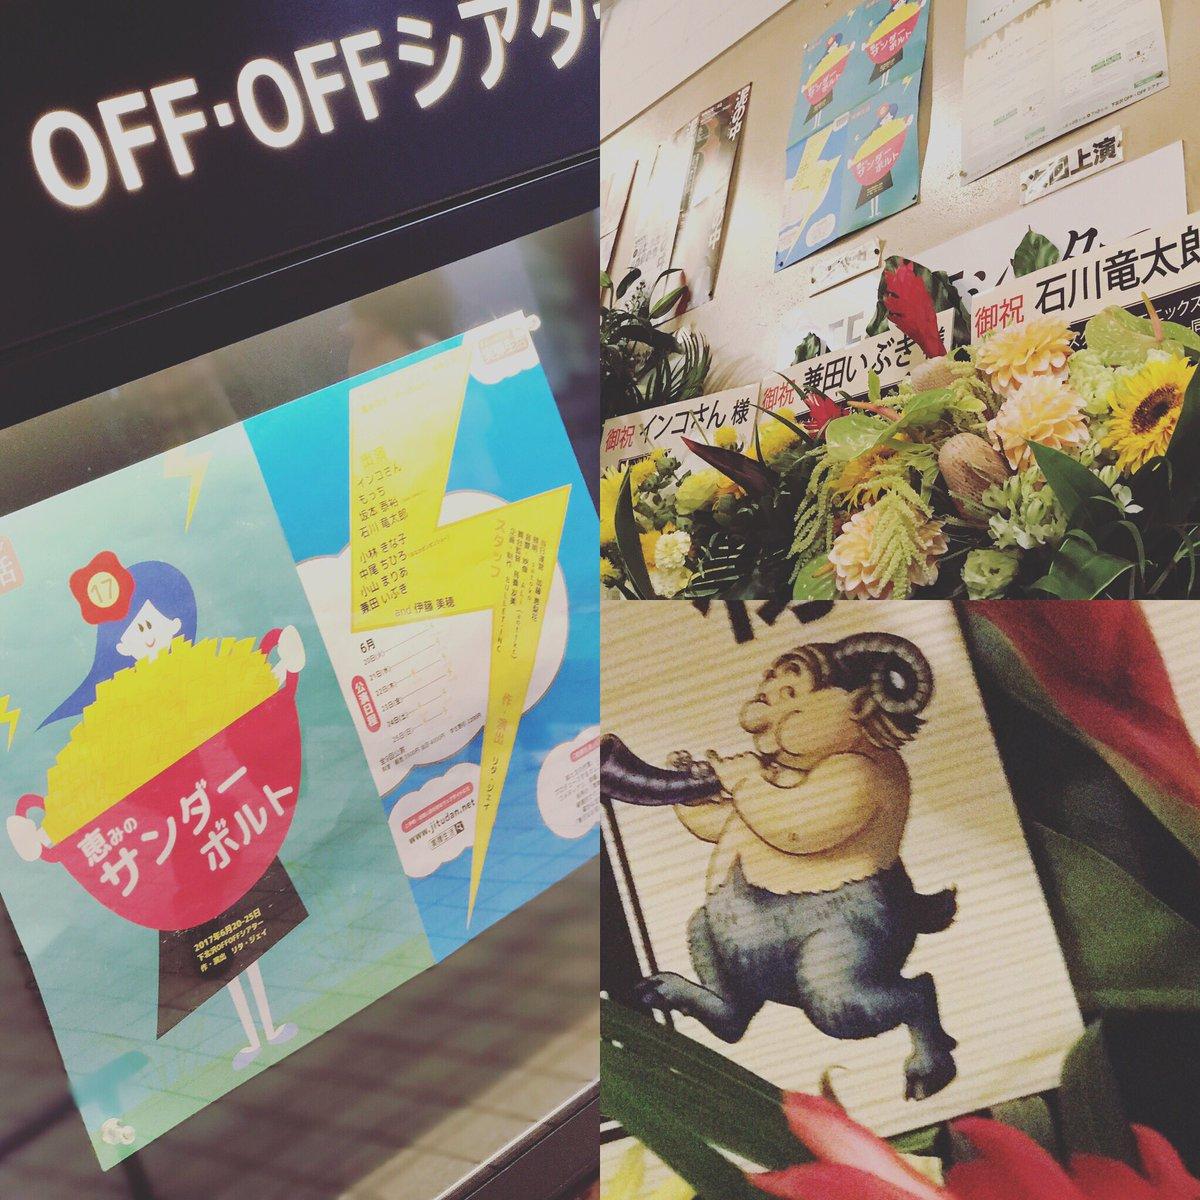 今日は、インコさん(リタ・ジェイさん )の『実弾生活17 恵みのサンダーボルト@下北沢OFFOFFシアター』!兼田いぶき